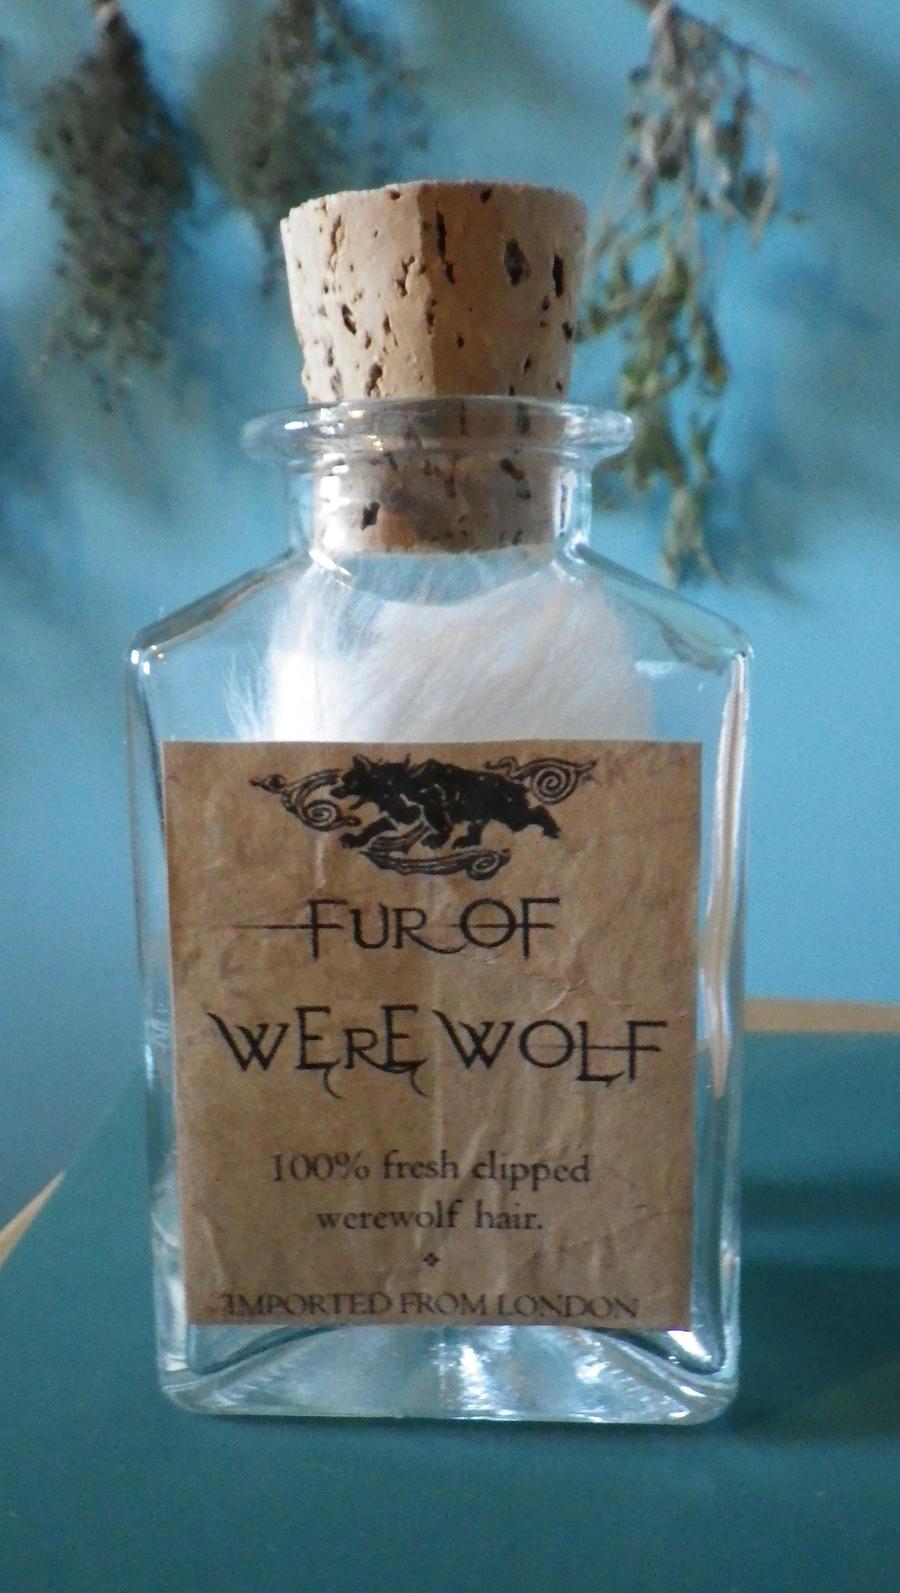 Fur of Werewolf by Bwabbit